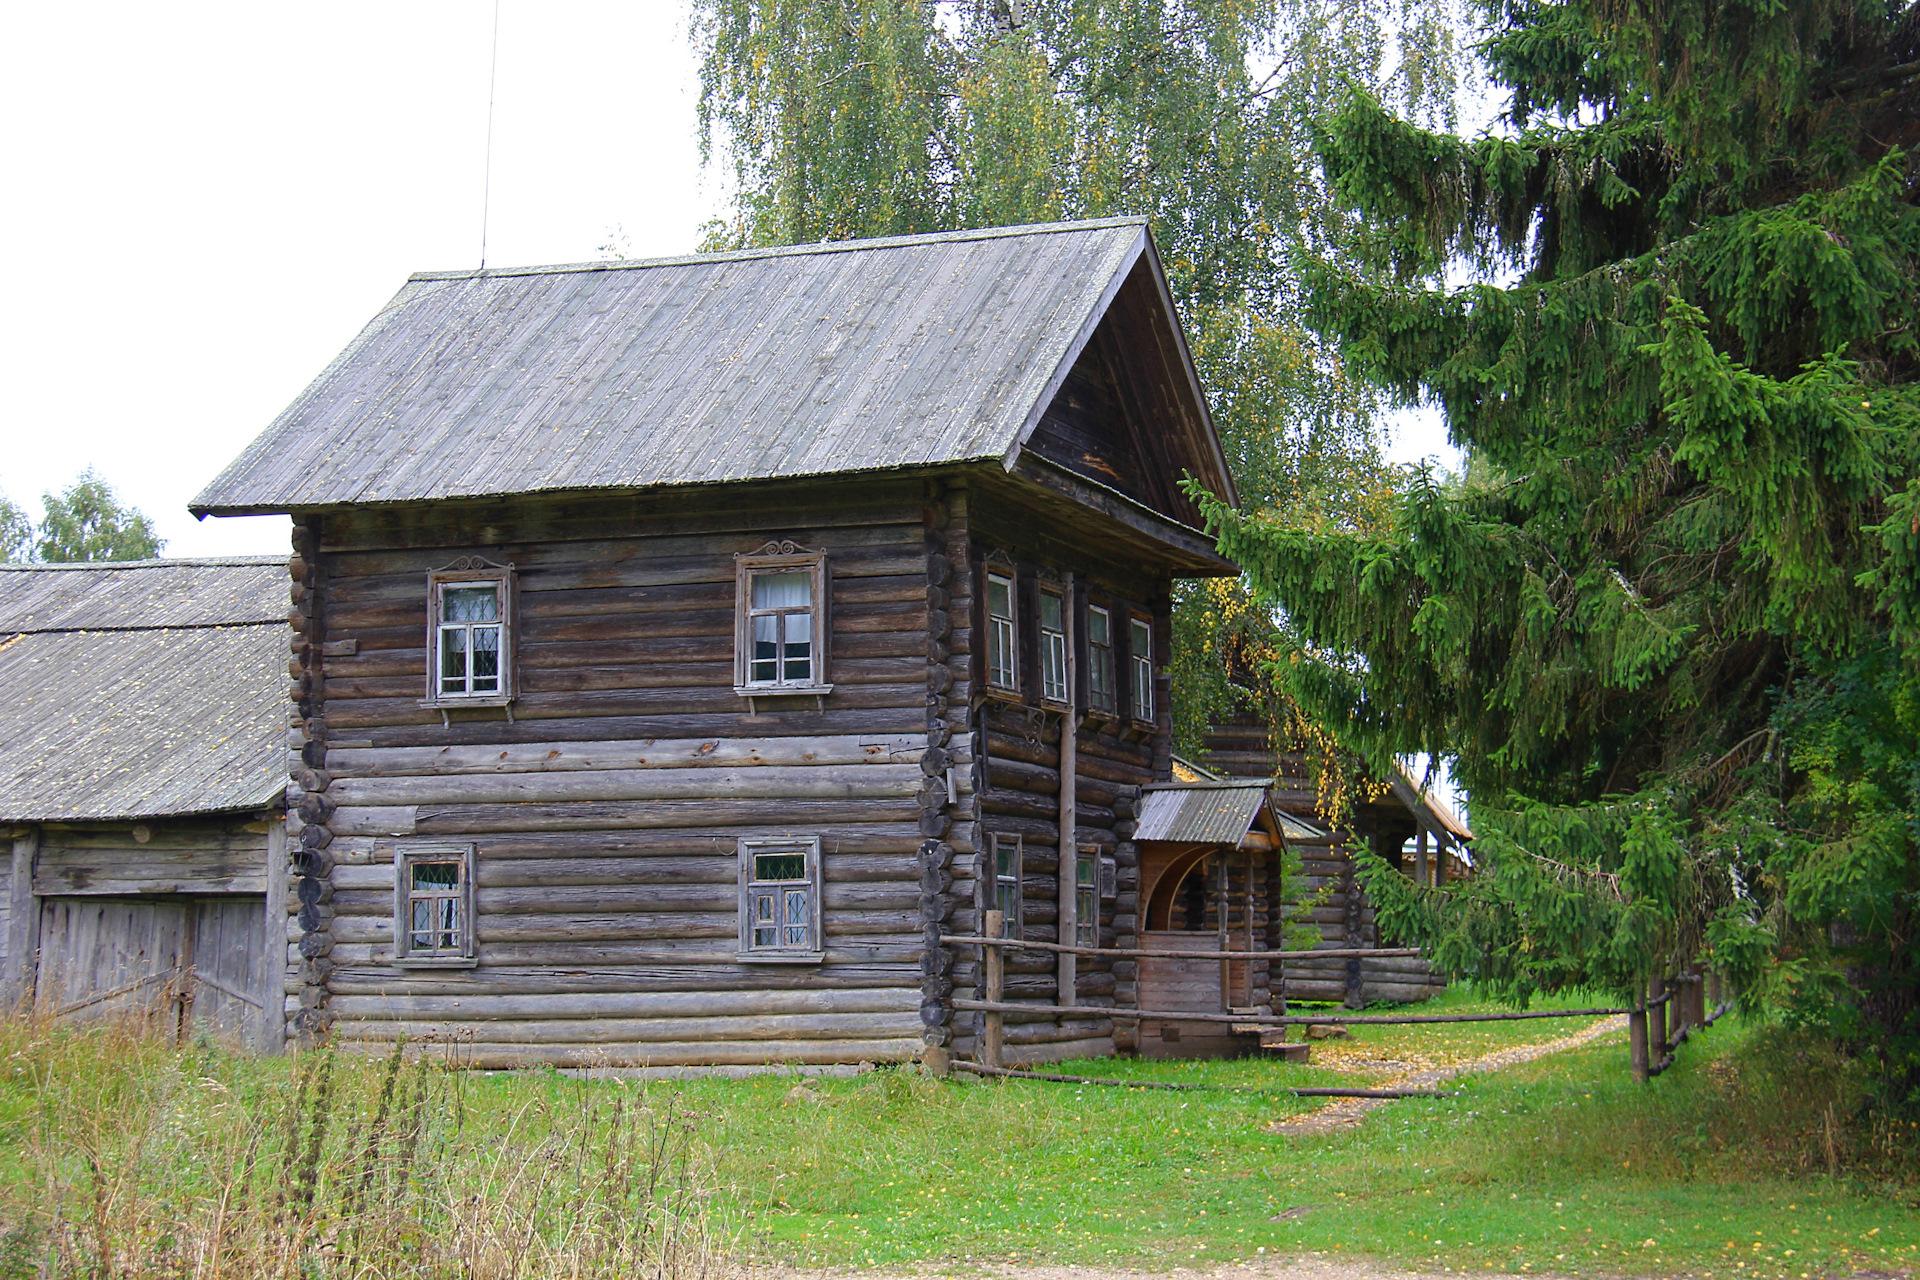 pamyatnik-narodnogo-zodchestva-dom-traktir